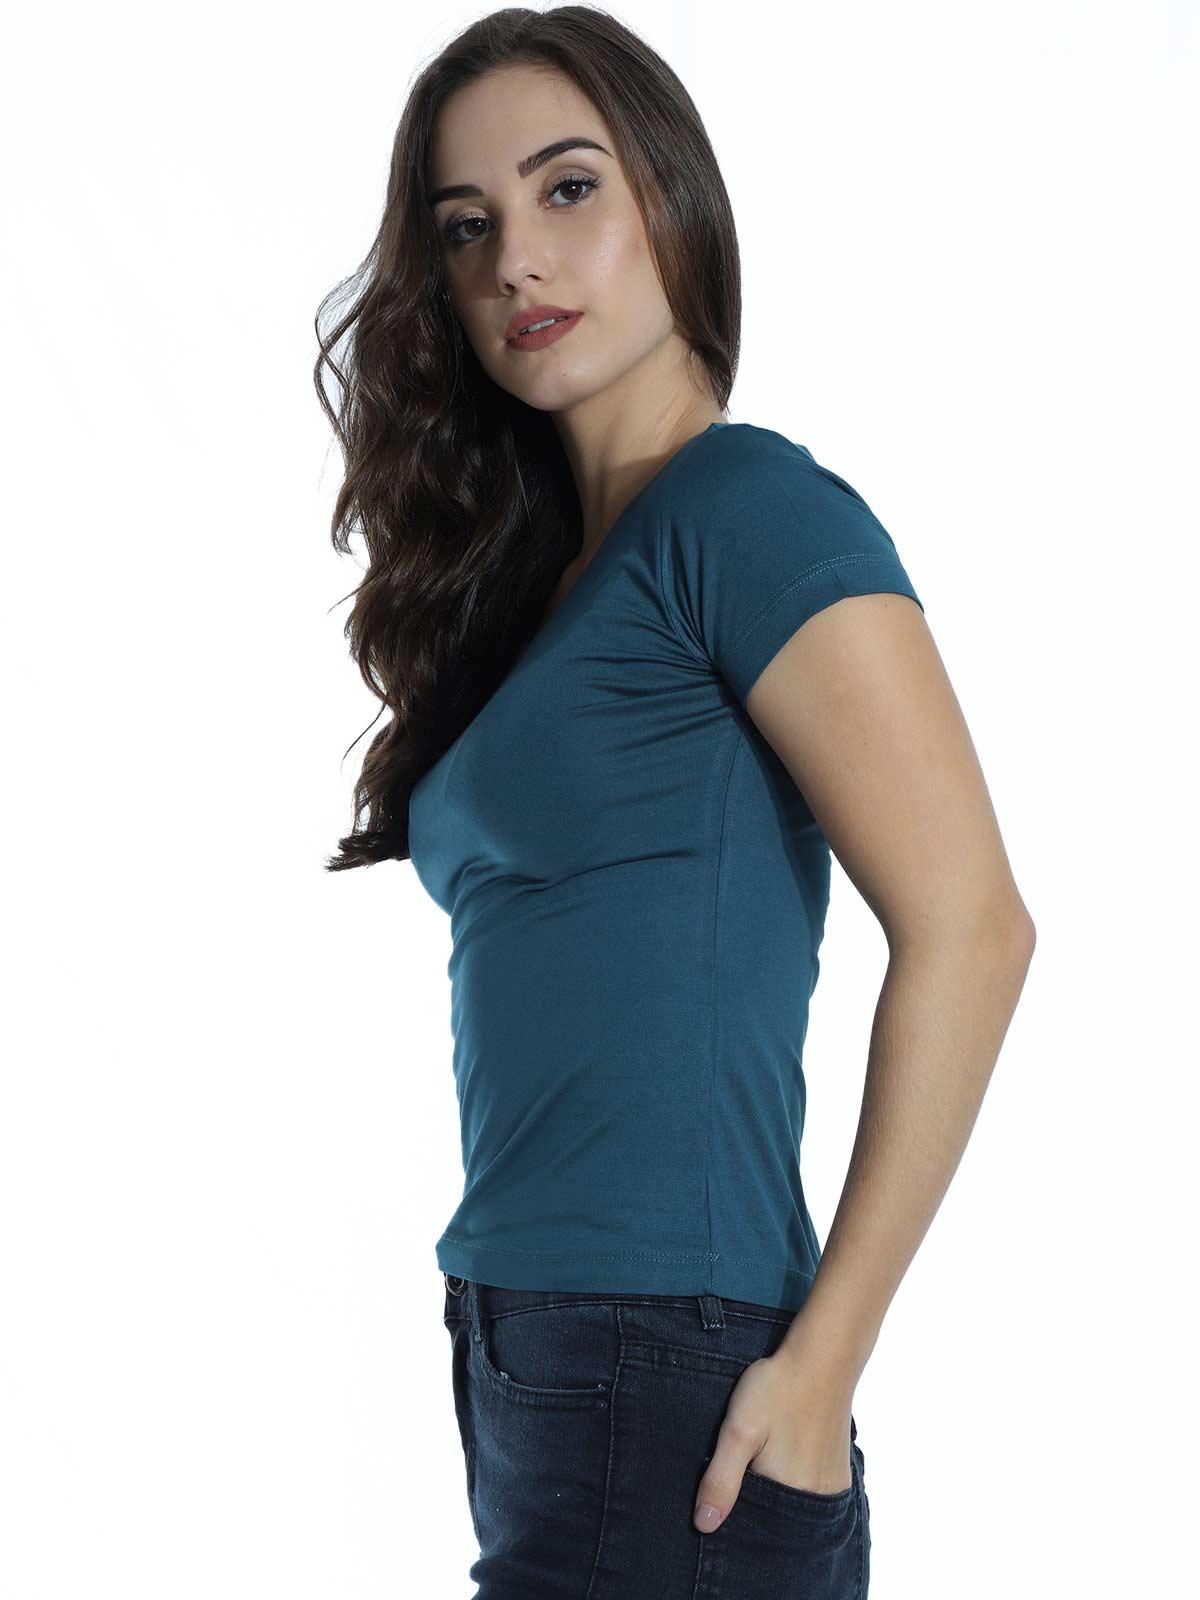 Baby Look Anistia de Viscolycra Básica Azul Jeans